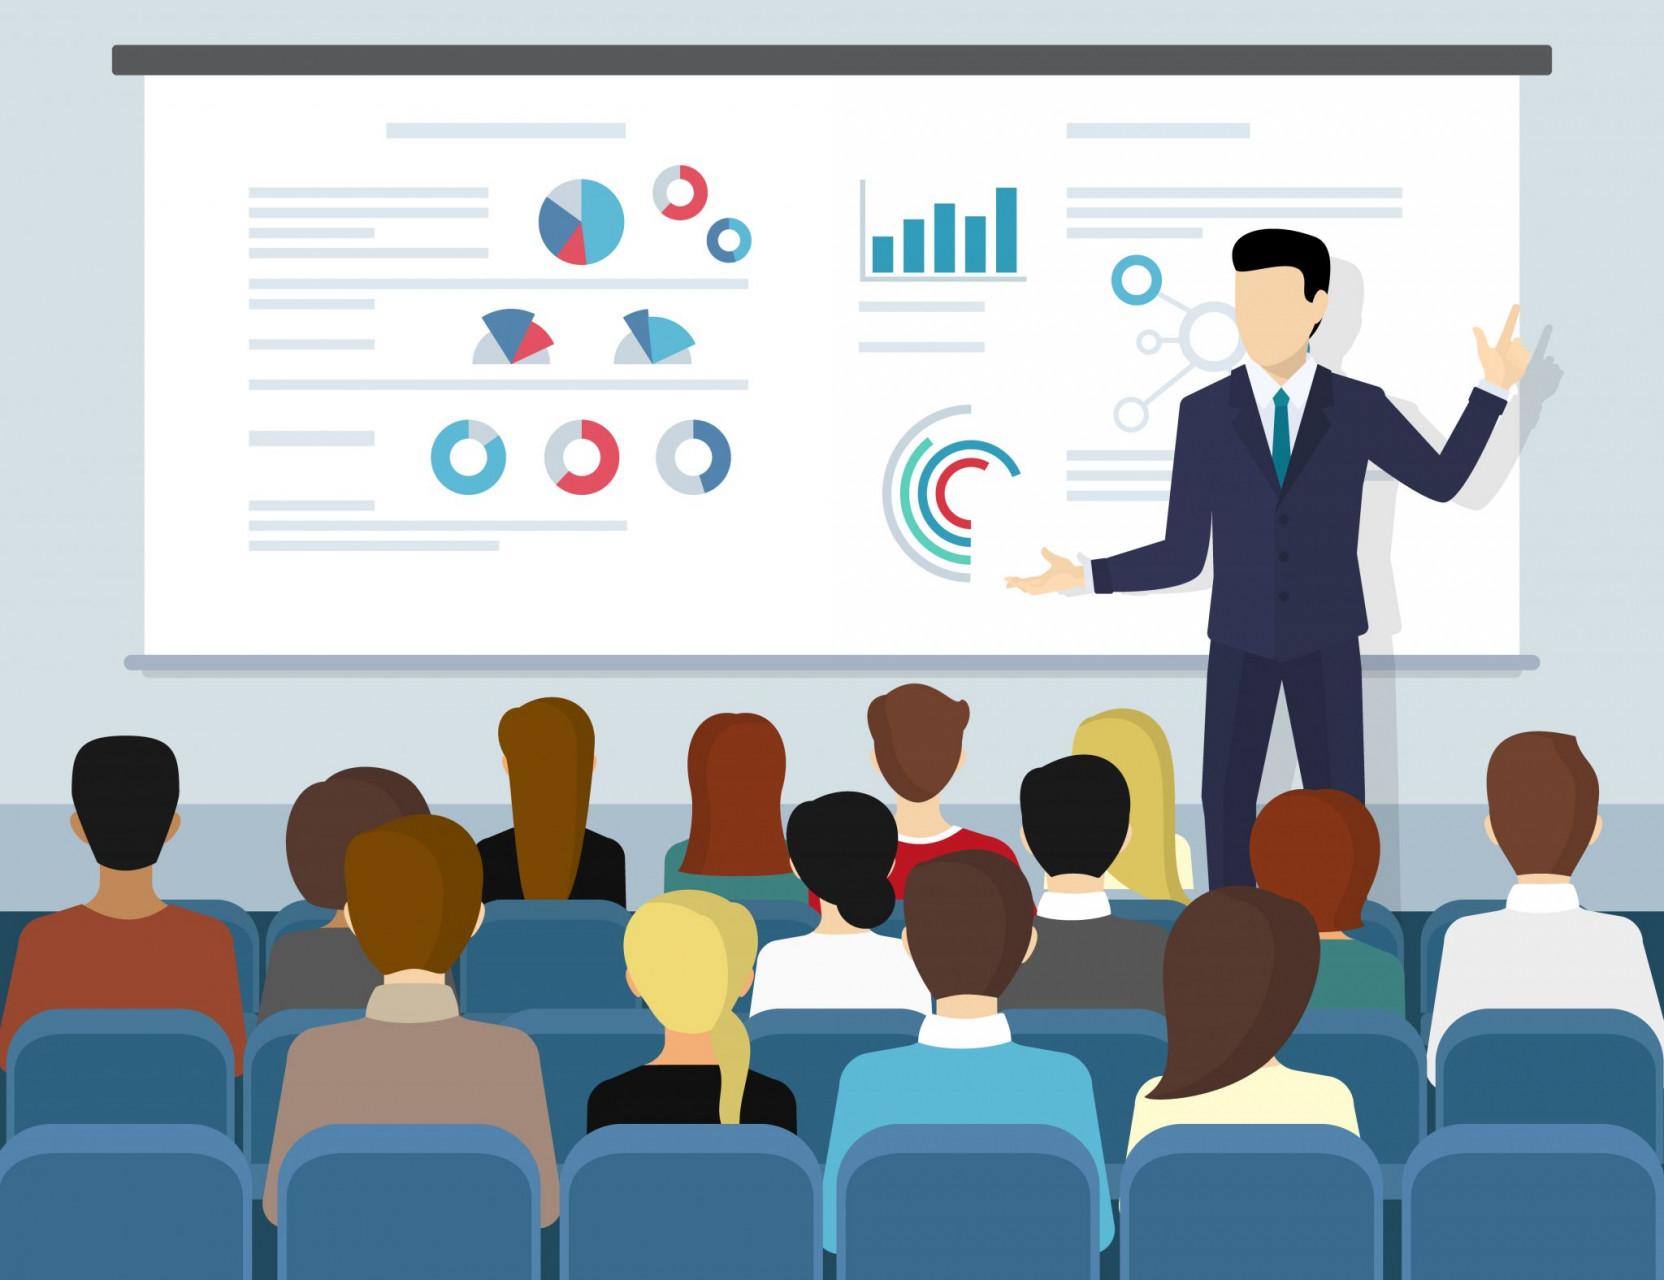 Всероссийская научно-практическая онлайн-конференция  «Инклюзия в профессиональном образовании: теория и практика, опыт и результаты»